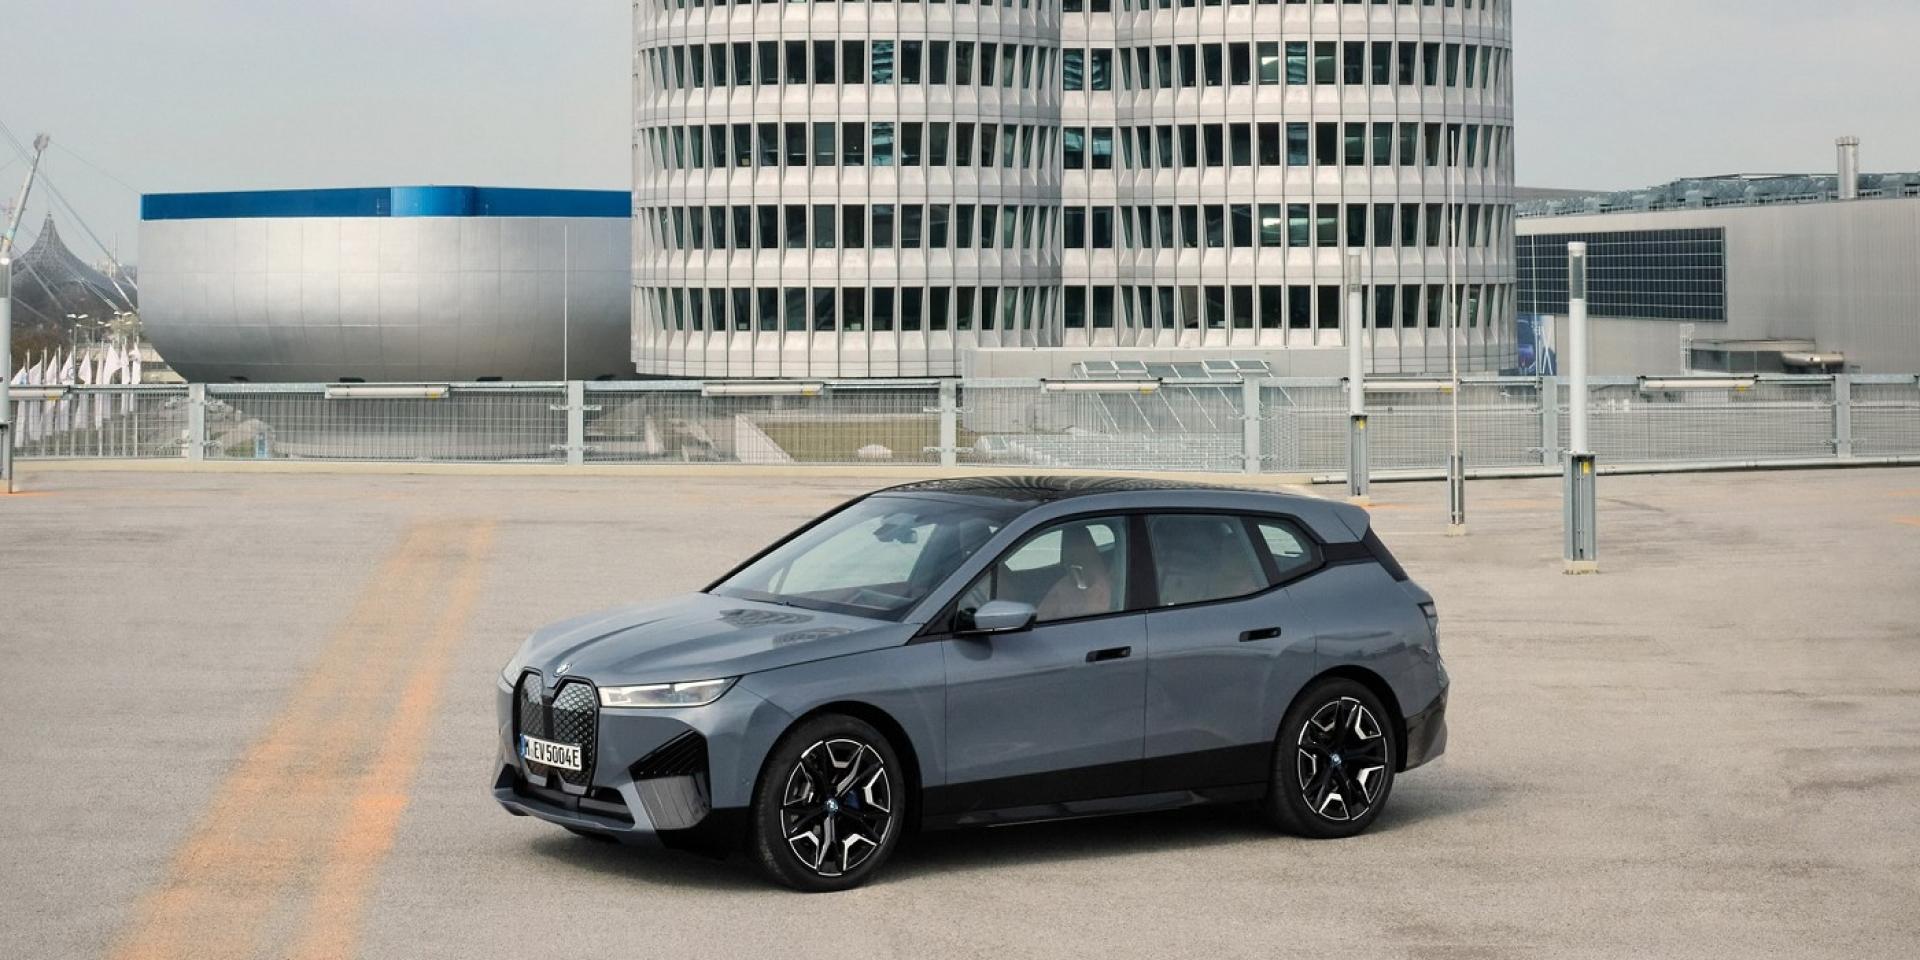 BMW iX xDrive50電動跑旅車,加速到百公里只需4.6秒